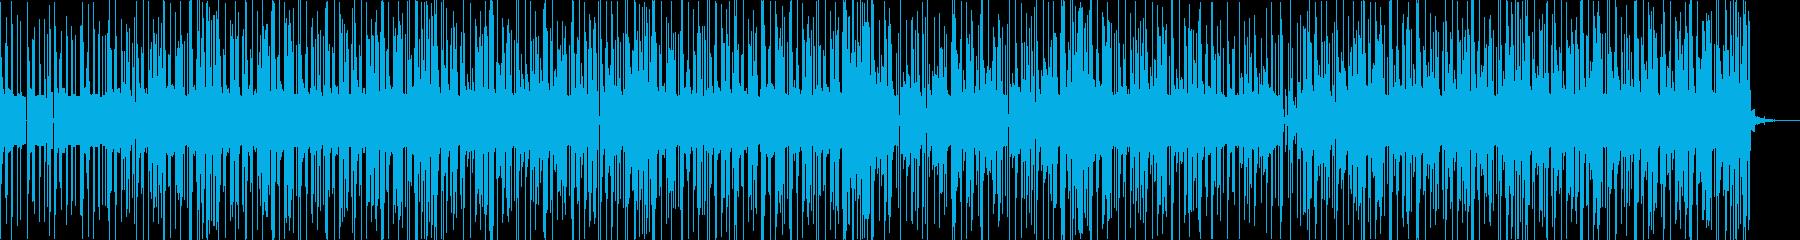 リラックスしたグルーヴのエレクトロニカの再生済みの波形